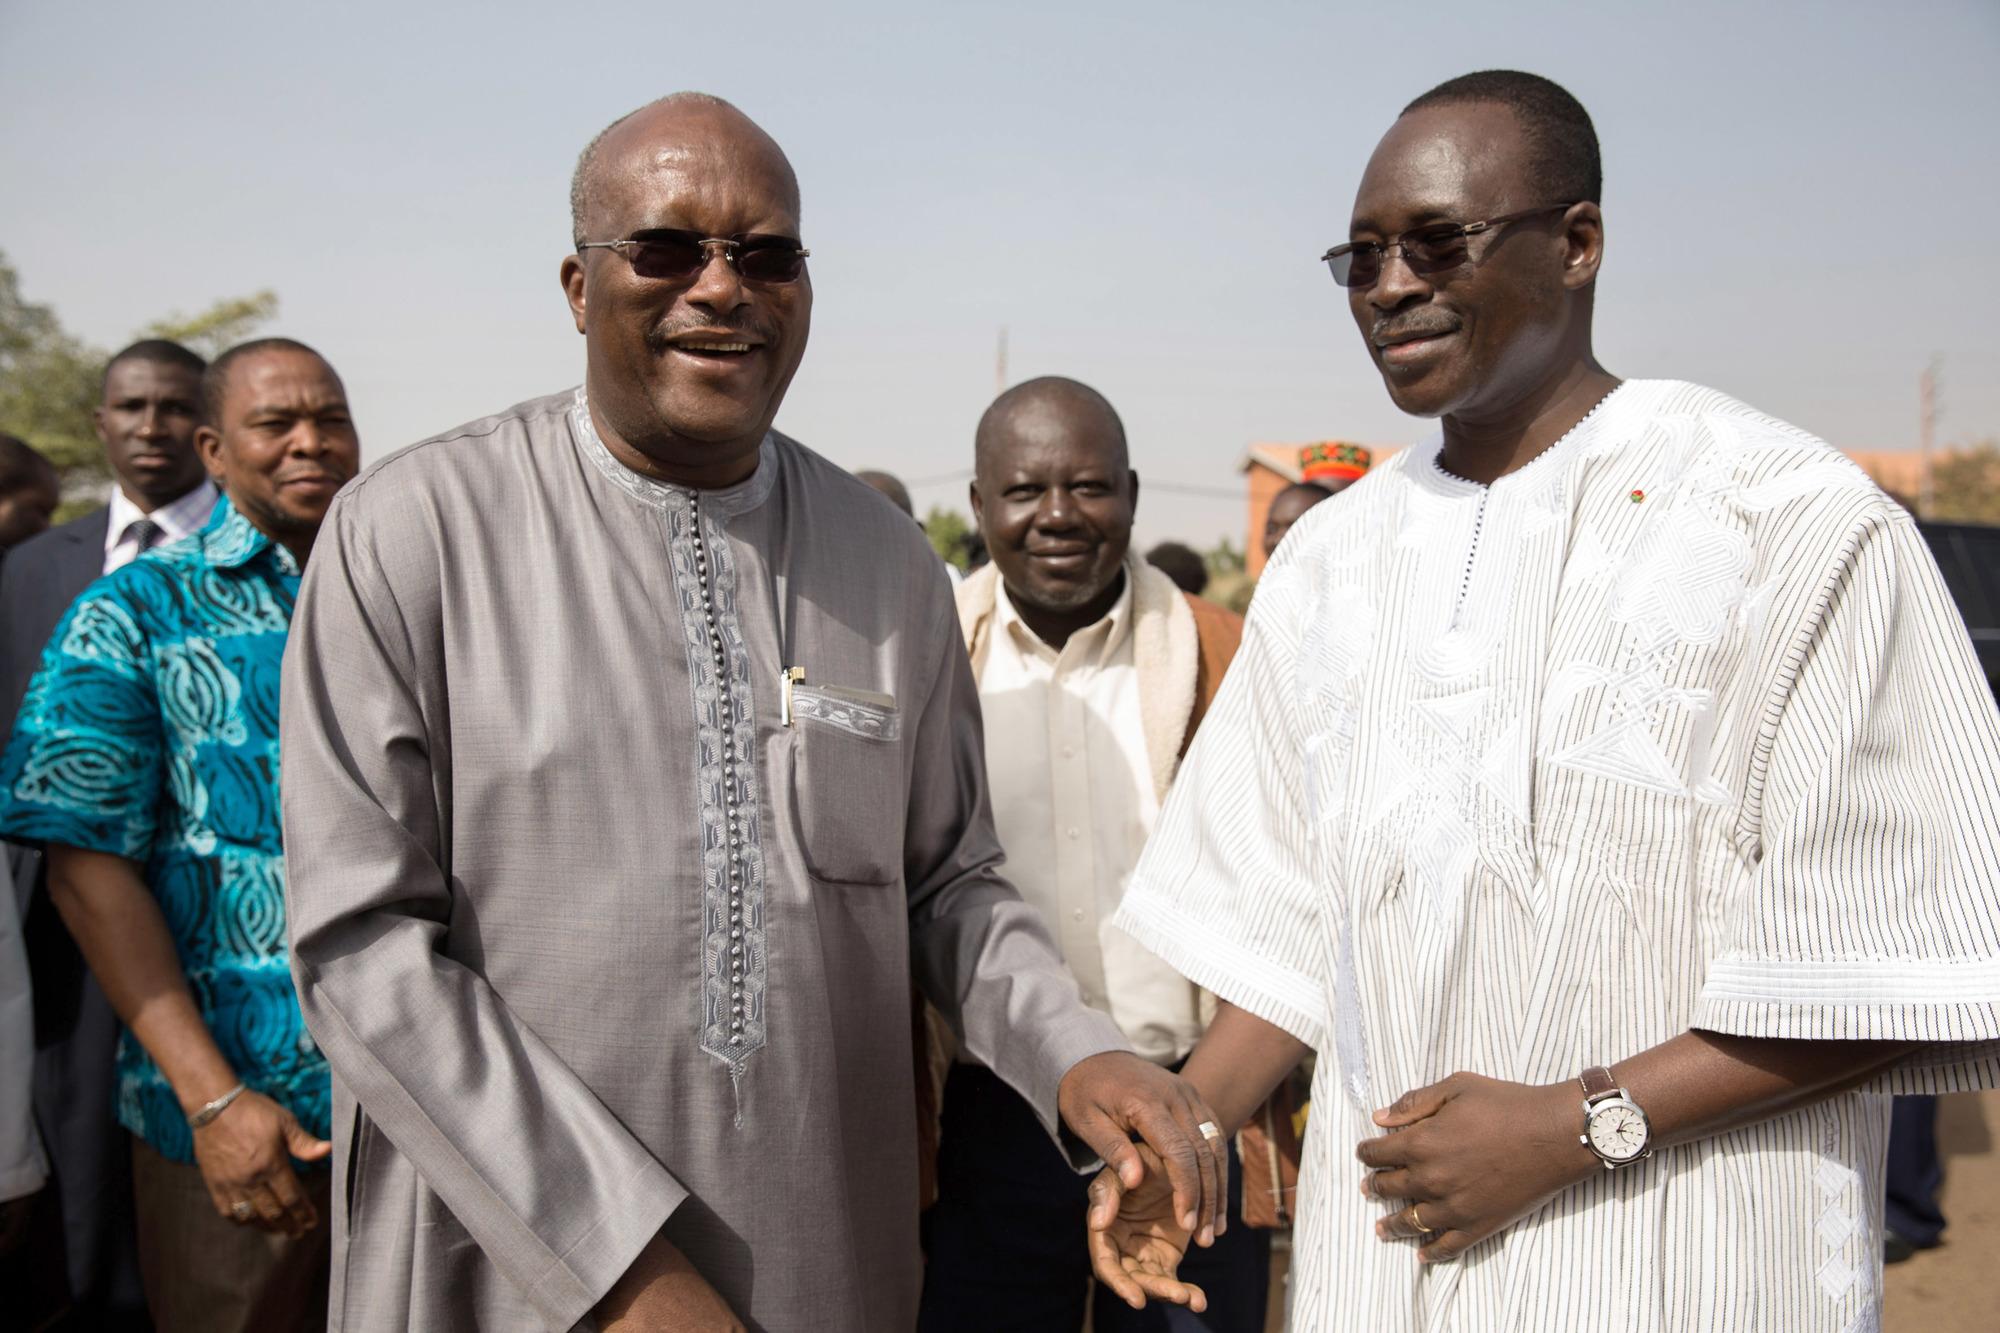 Avec le président Roch Marc Christian Kaboré, lors de l'inauguration de l'avenue Norbert-Zongo, à Ouagadougou, en décembre2015.